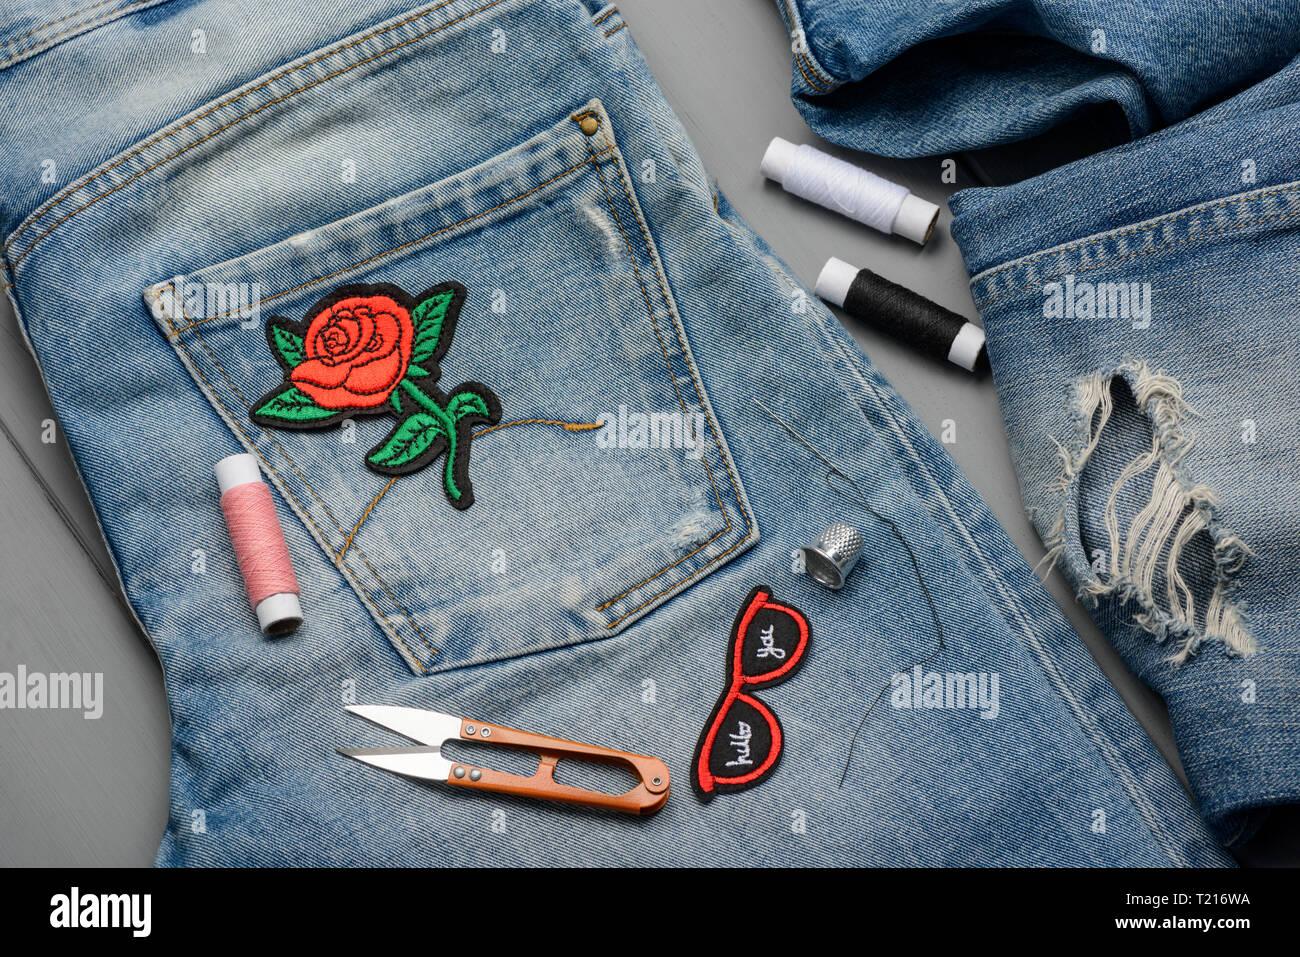 Anwendung Gestickte Patches zu Jeans Stockbild